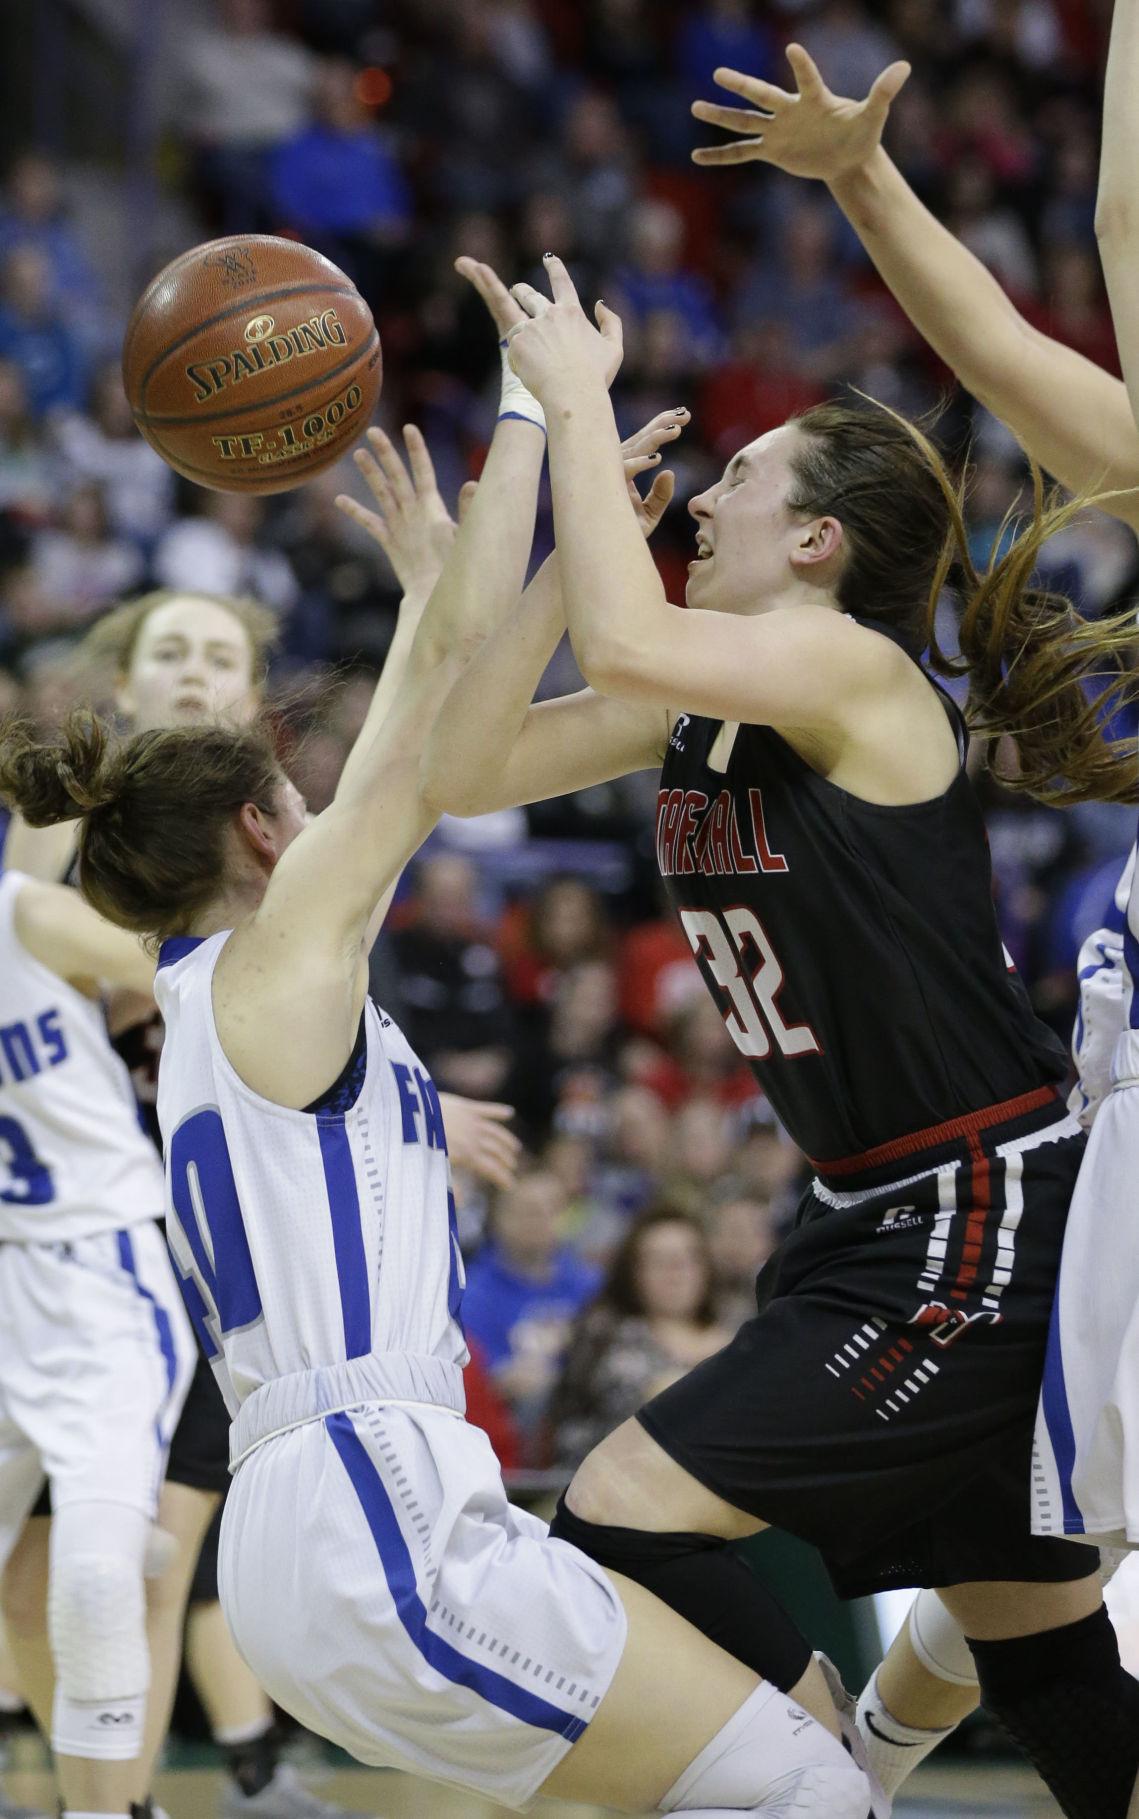 Prep girls basketball photo: Marshall's Laura Nickel